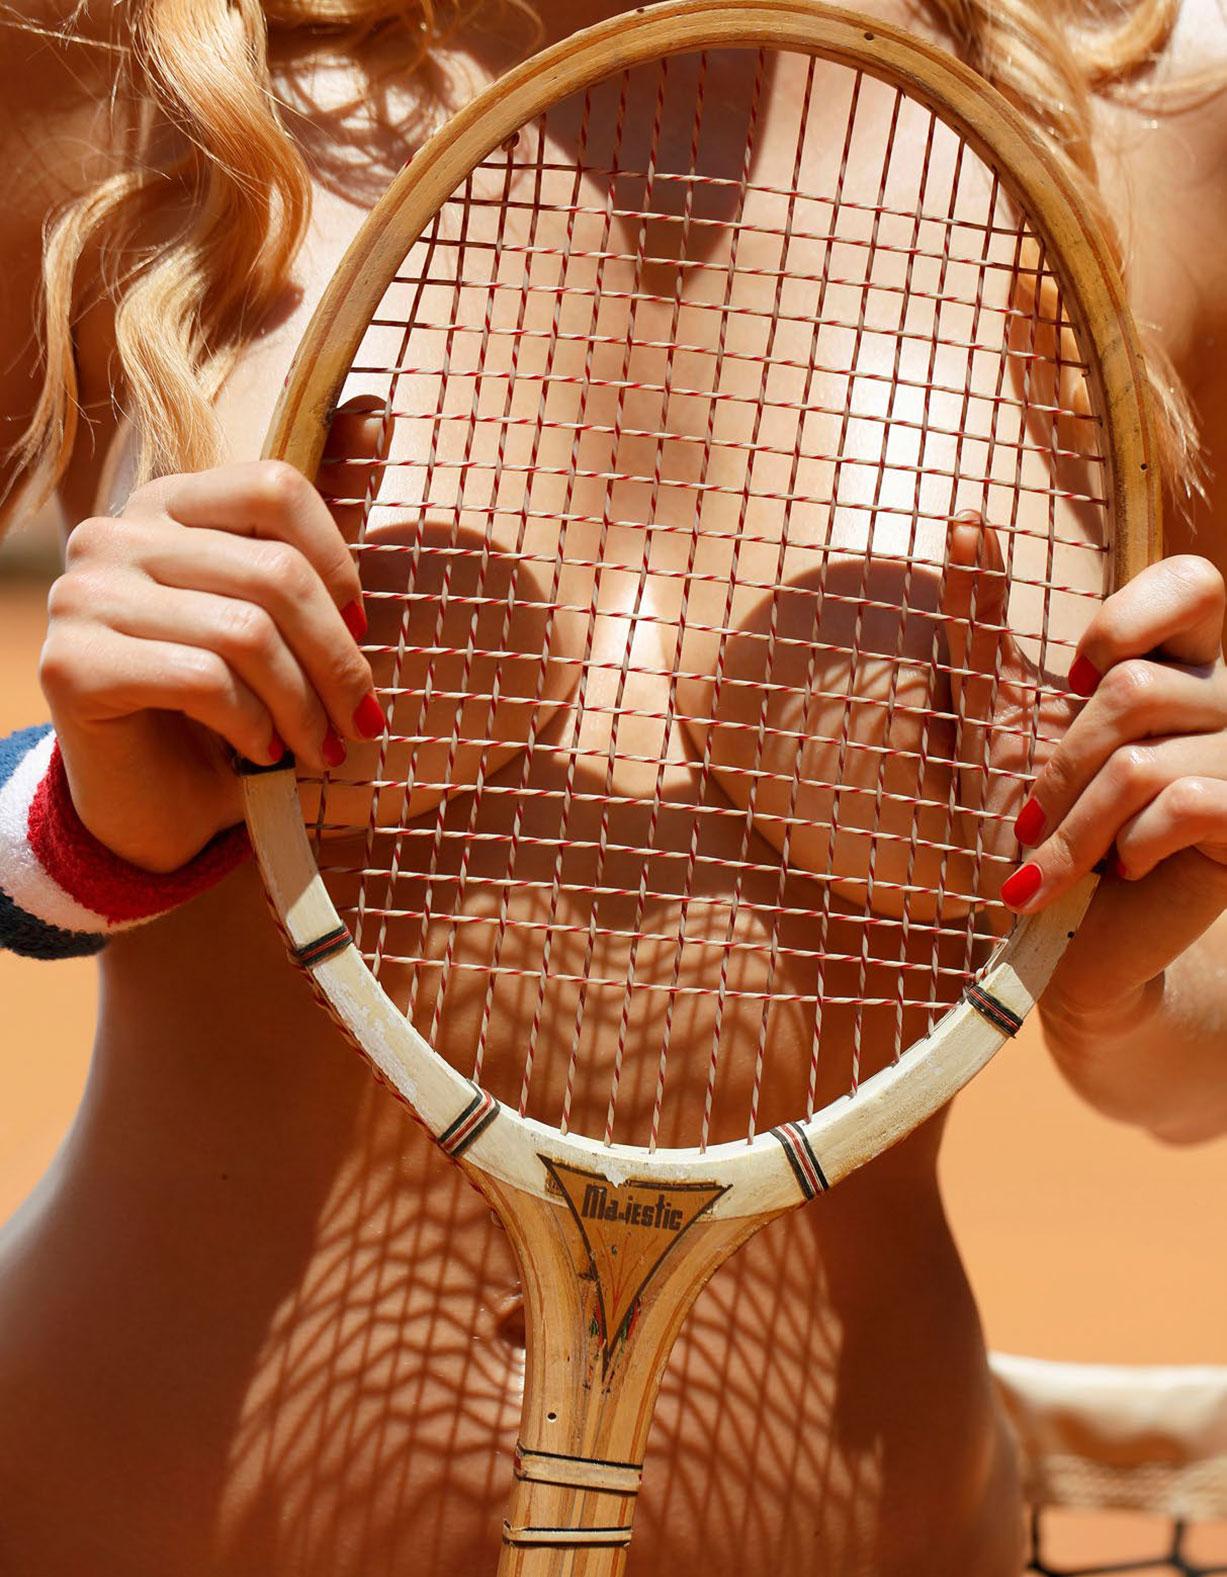 Ольга де Мар в спецвыпуске журнала Playboy -Девушки летом- / фото 01